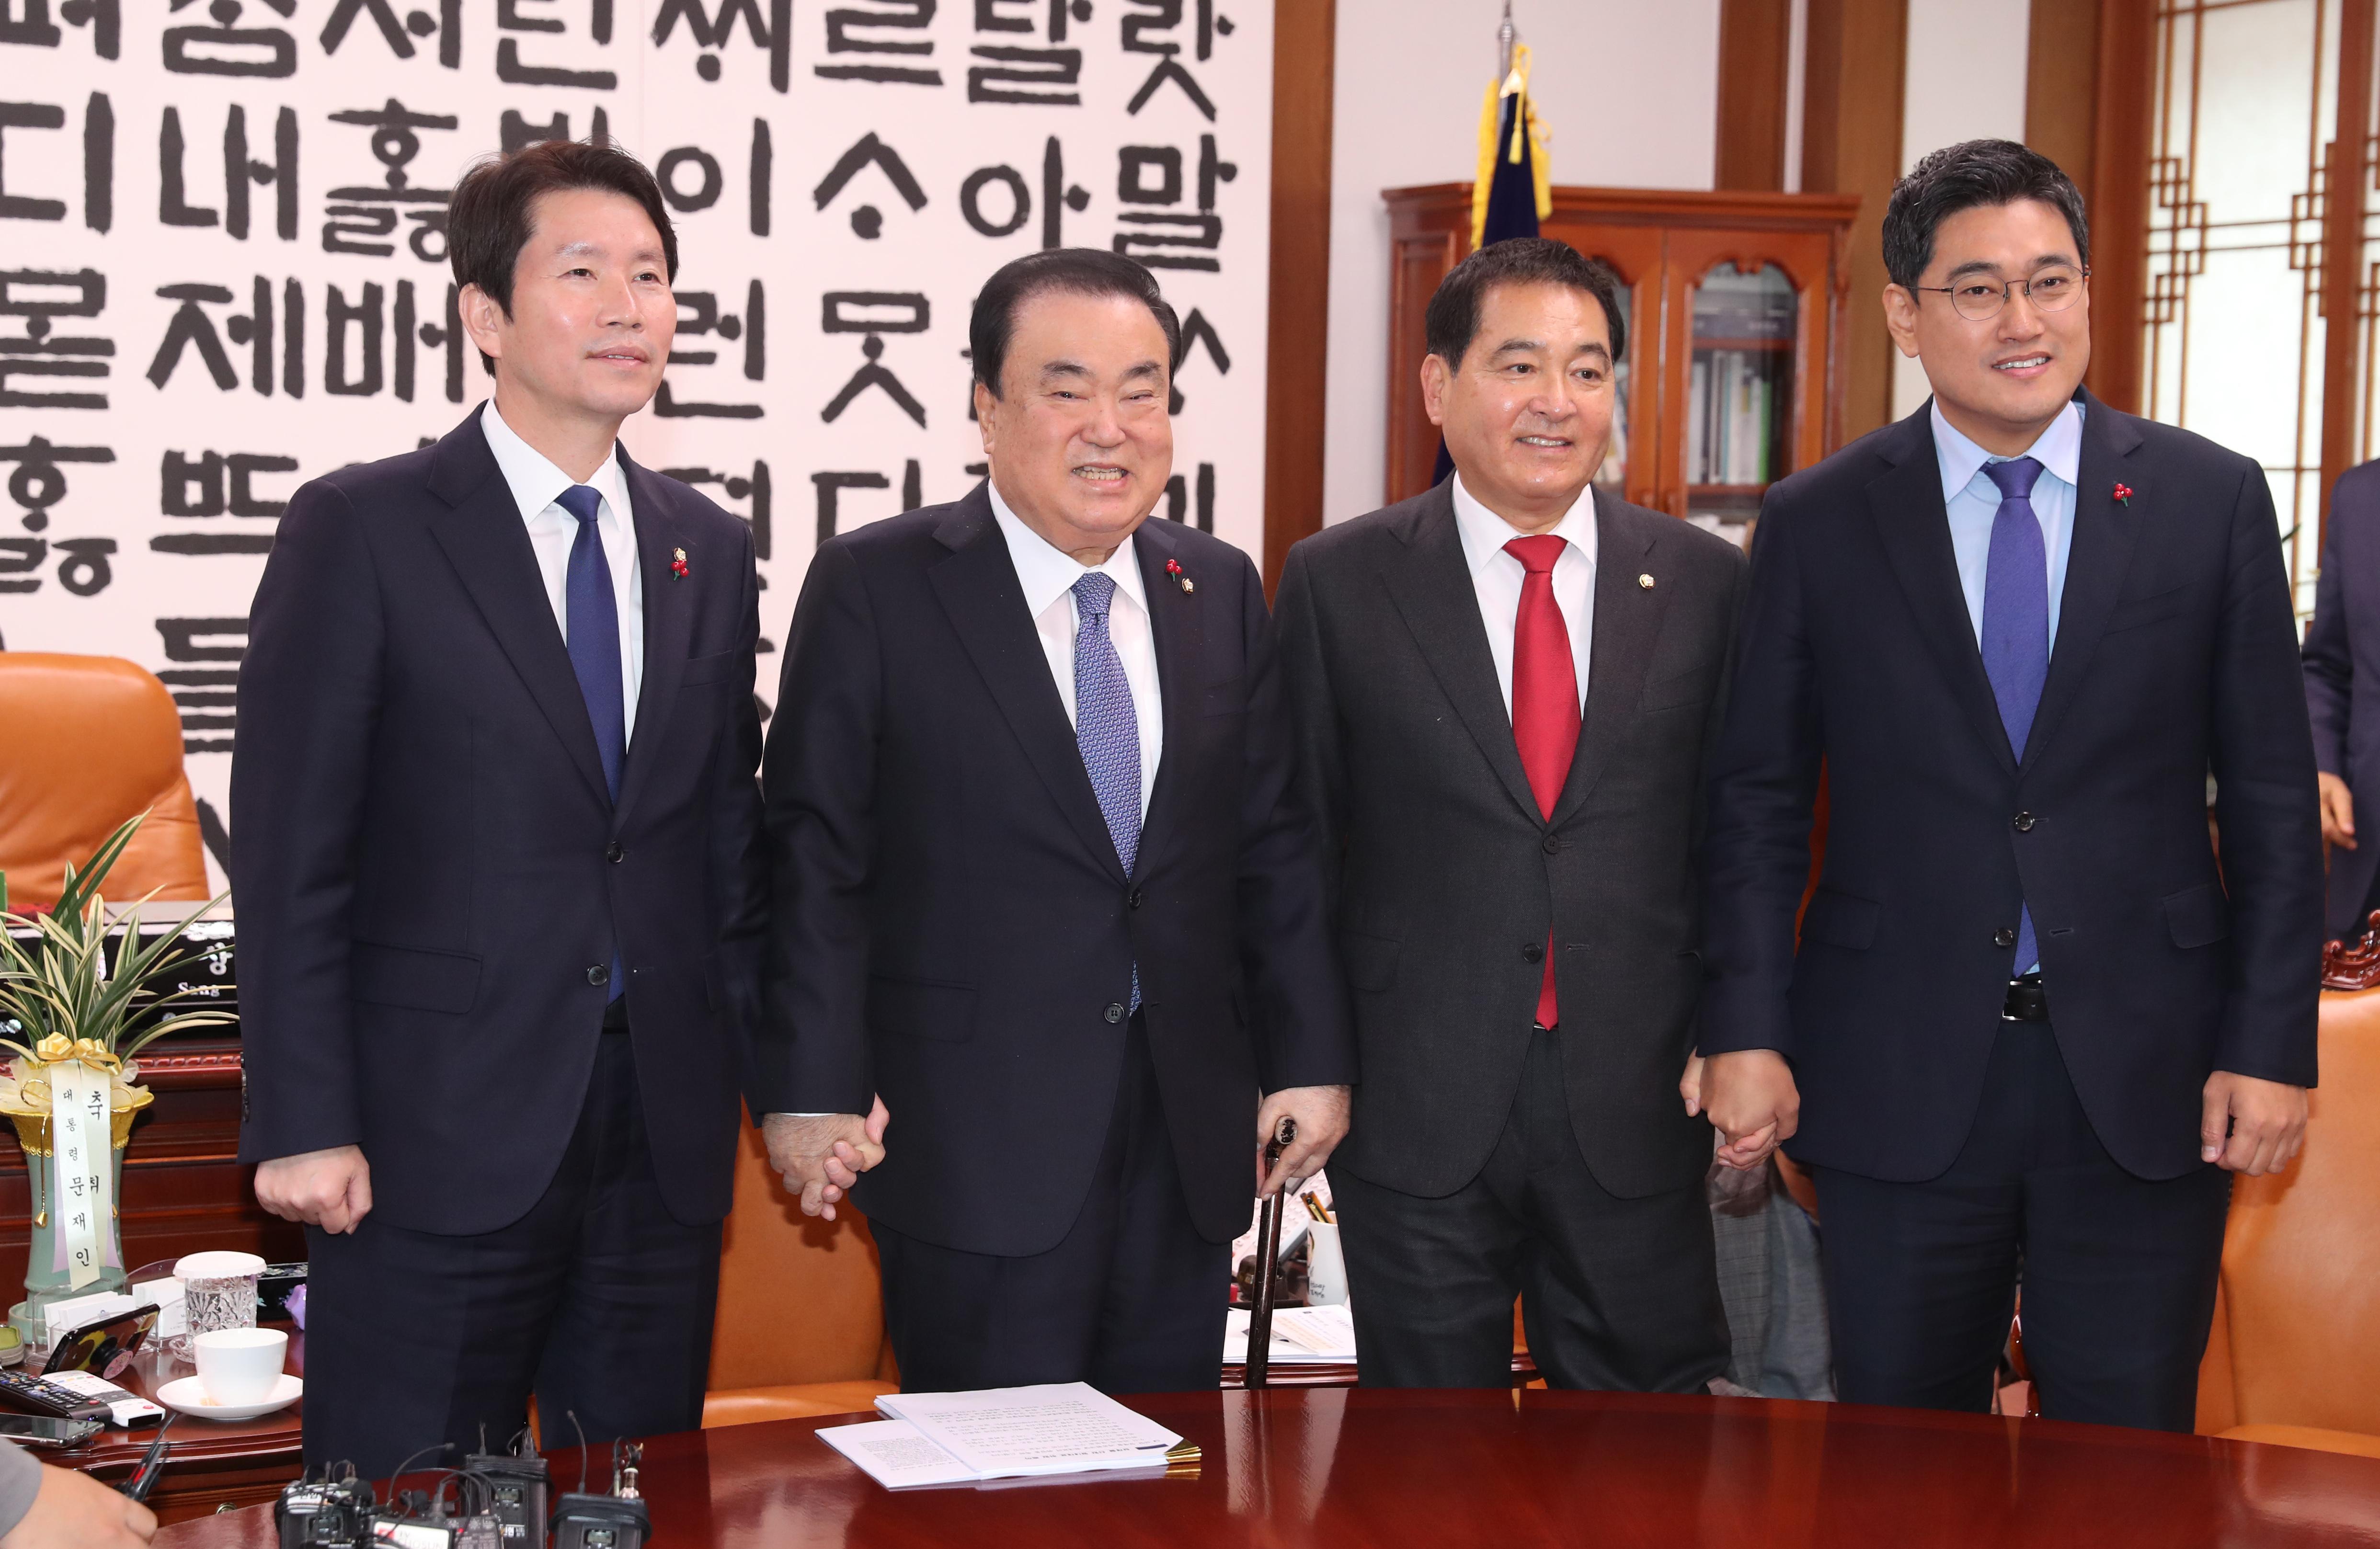 문희상 국회의장(왼쪽 두 번째)과 여야 3당 원내대표